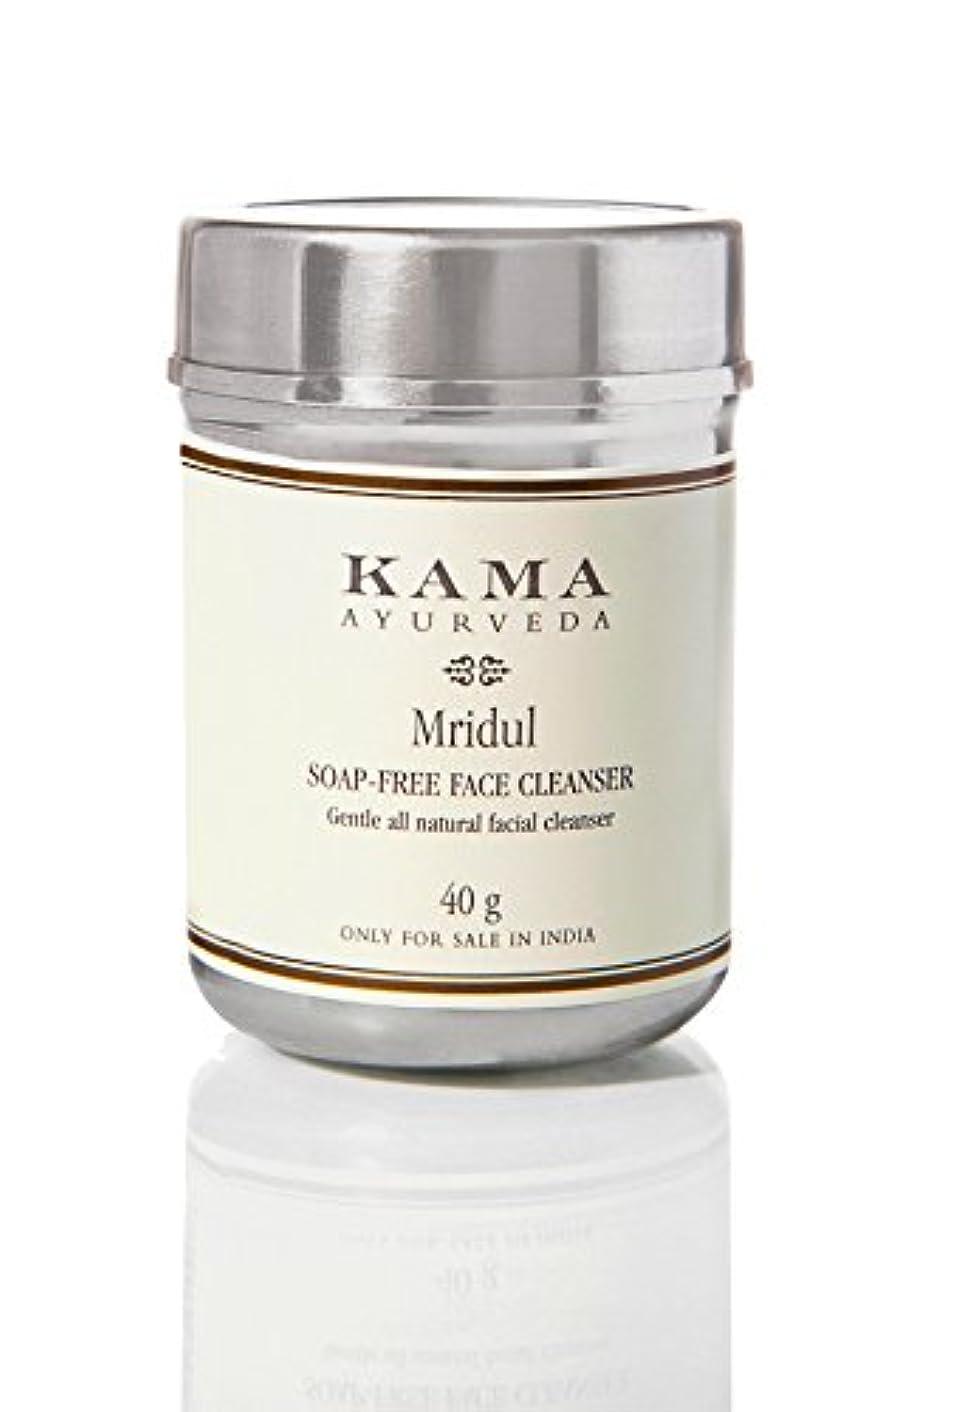 動揺させる節約包帯KAMA AYURVEDA カーマ アーユルヴェーダ ムリデュル ソープフリーフェイスクレンザー 100% ナチュラル Soap -Free Face Cleanser Mridu